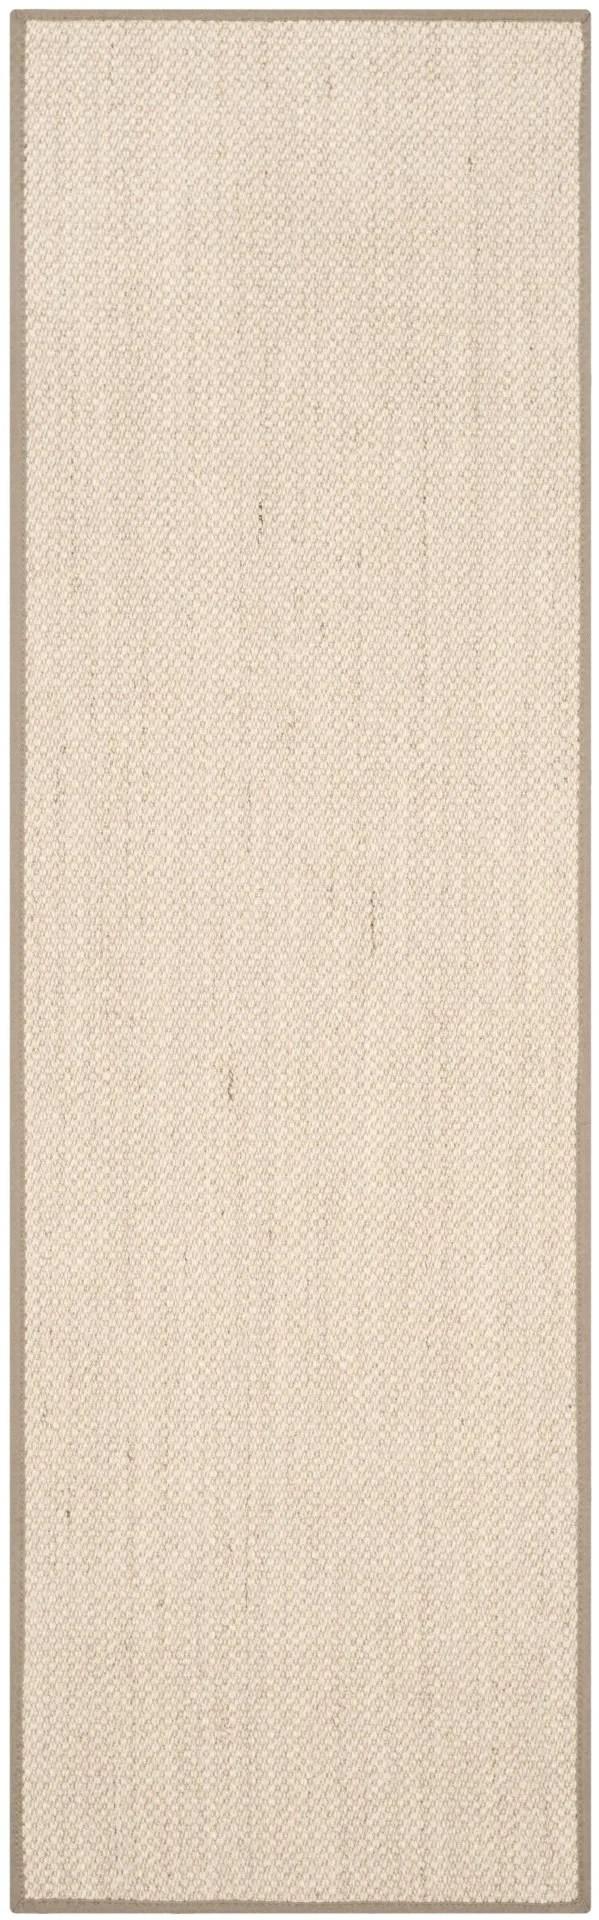 Monadnock Marble/Khaki Area Rug Rug Size: Runner 2'6